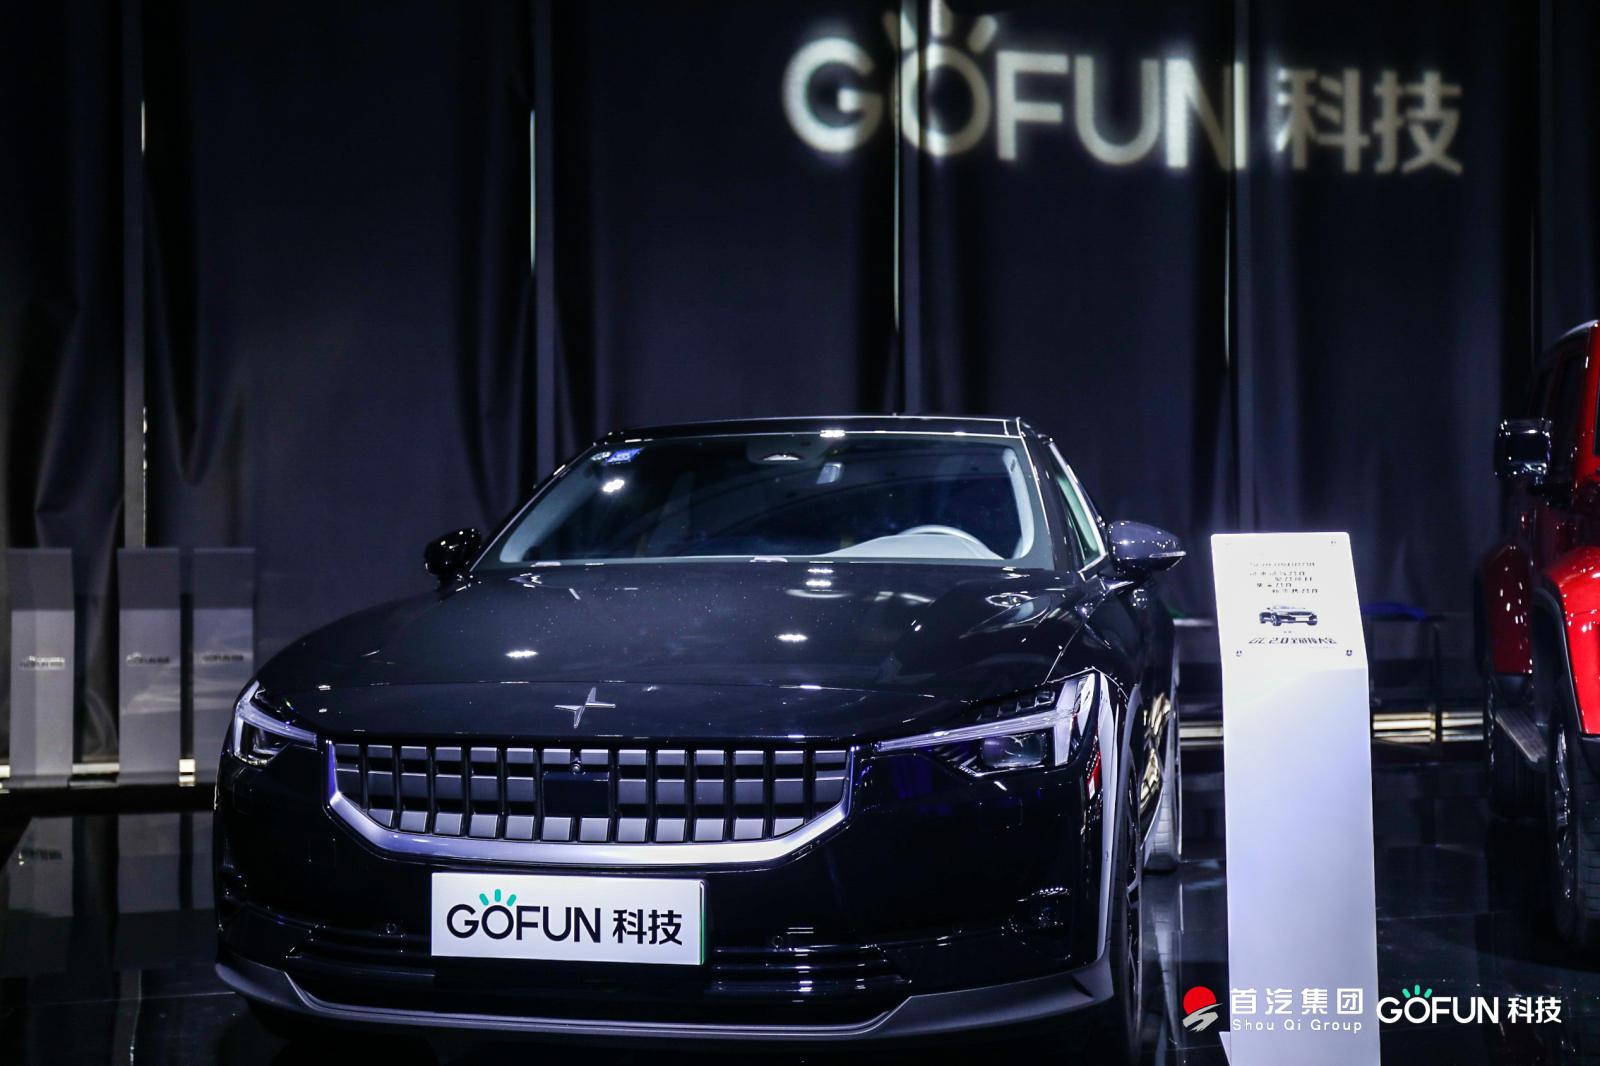 36氪专访   GoFun谭奕:获数亿人民币B轮融资,明年计划30万辆车上平台